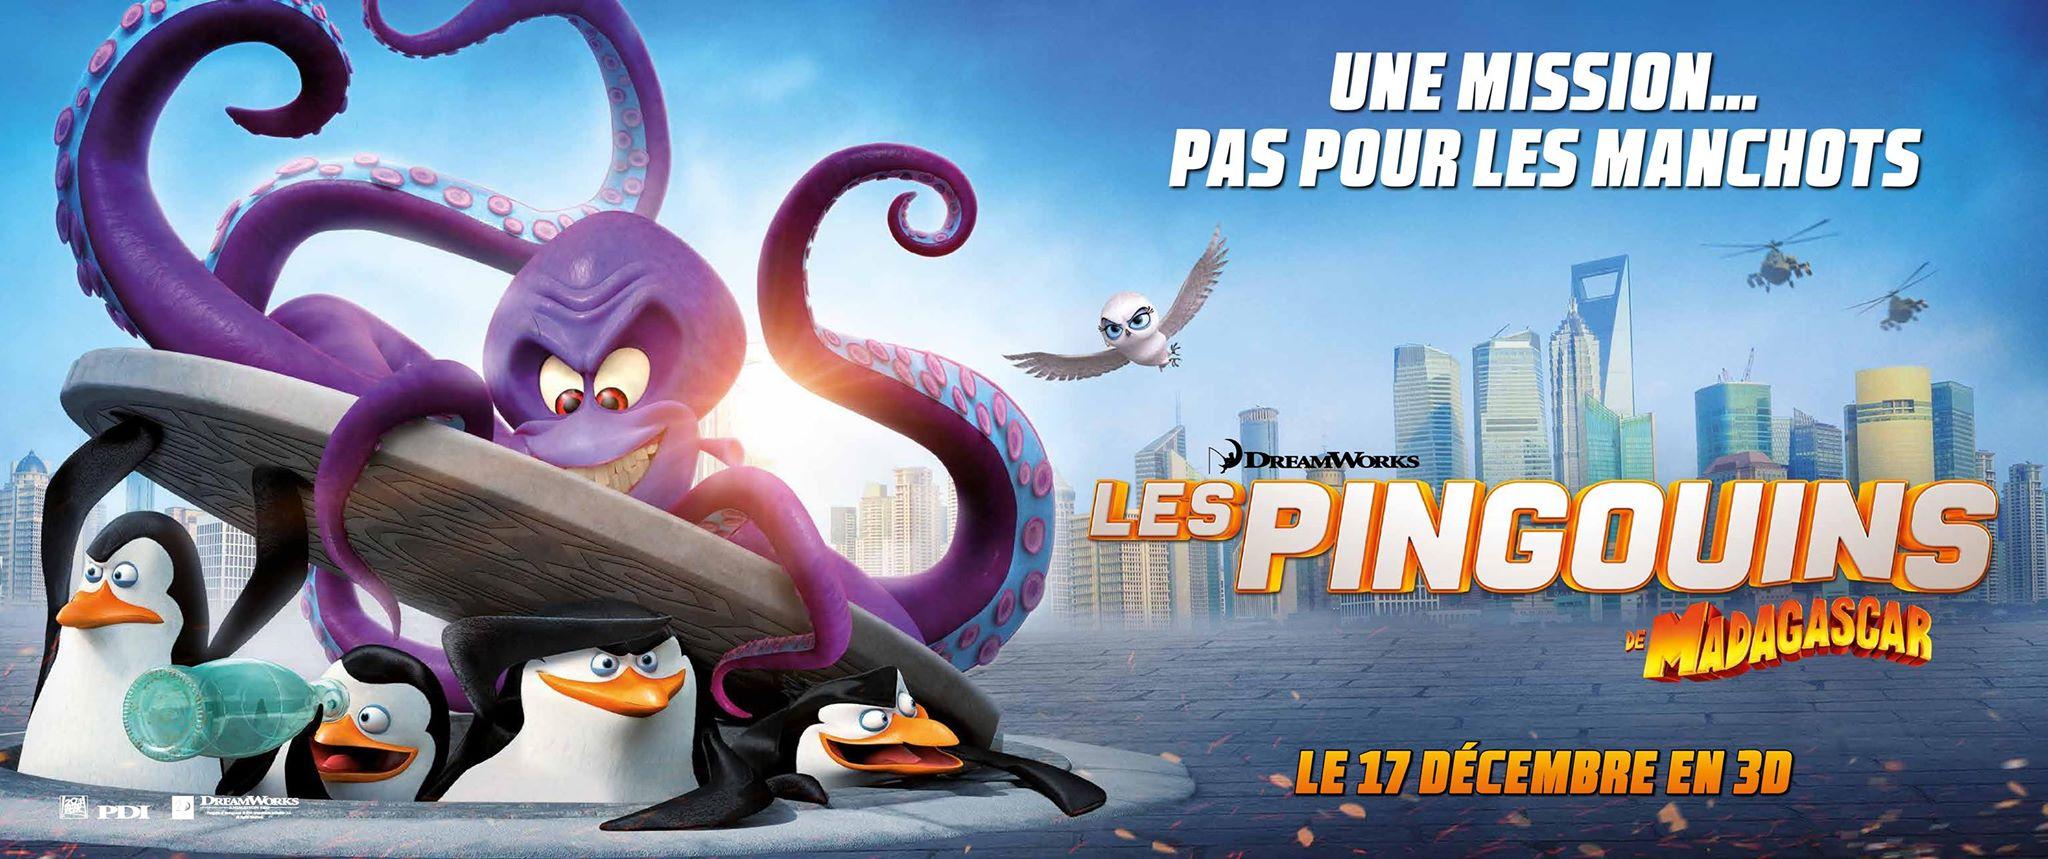 LES PINGOUINS DE MADAGASCAR - BANDEAU DU FILM Visuel large Dreamworks - Go with the Blog